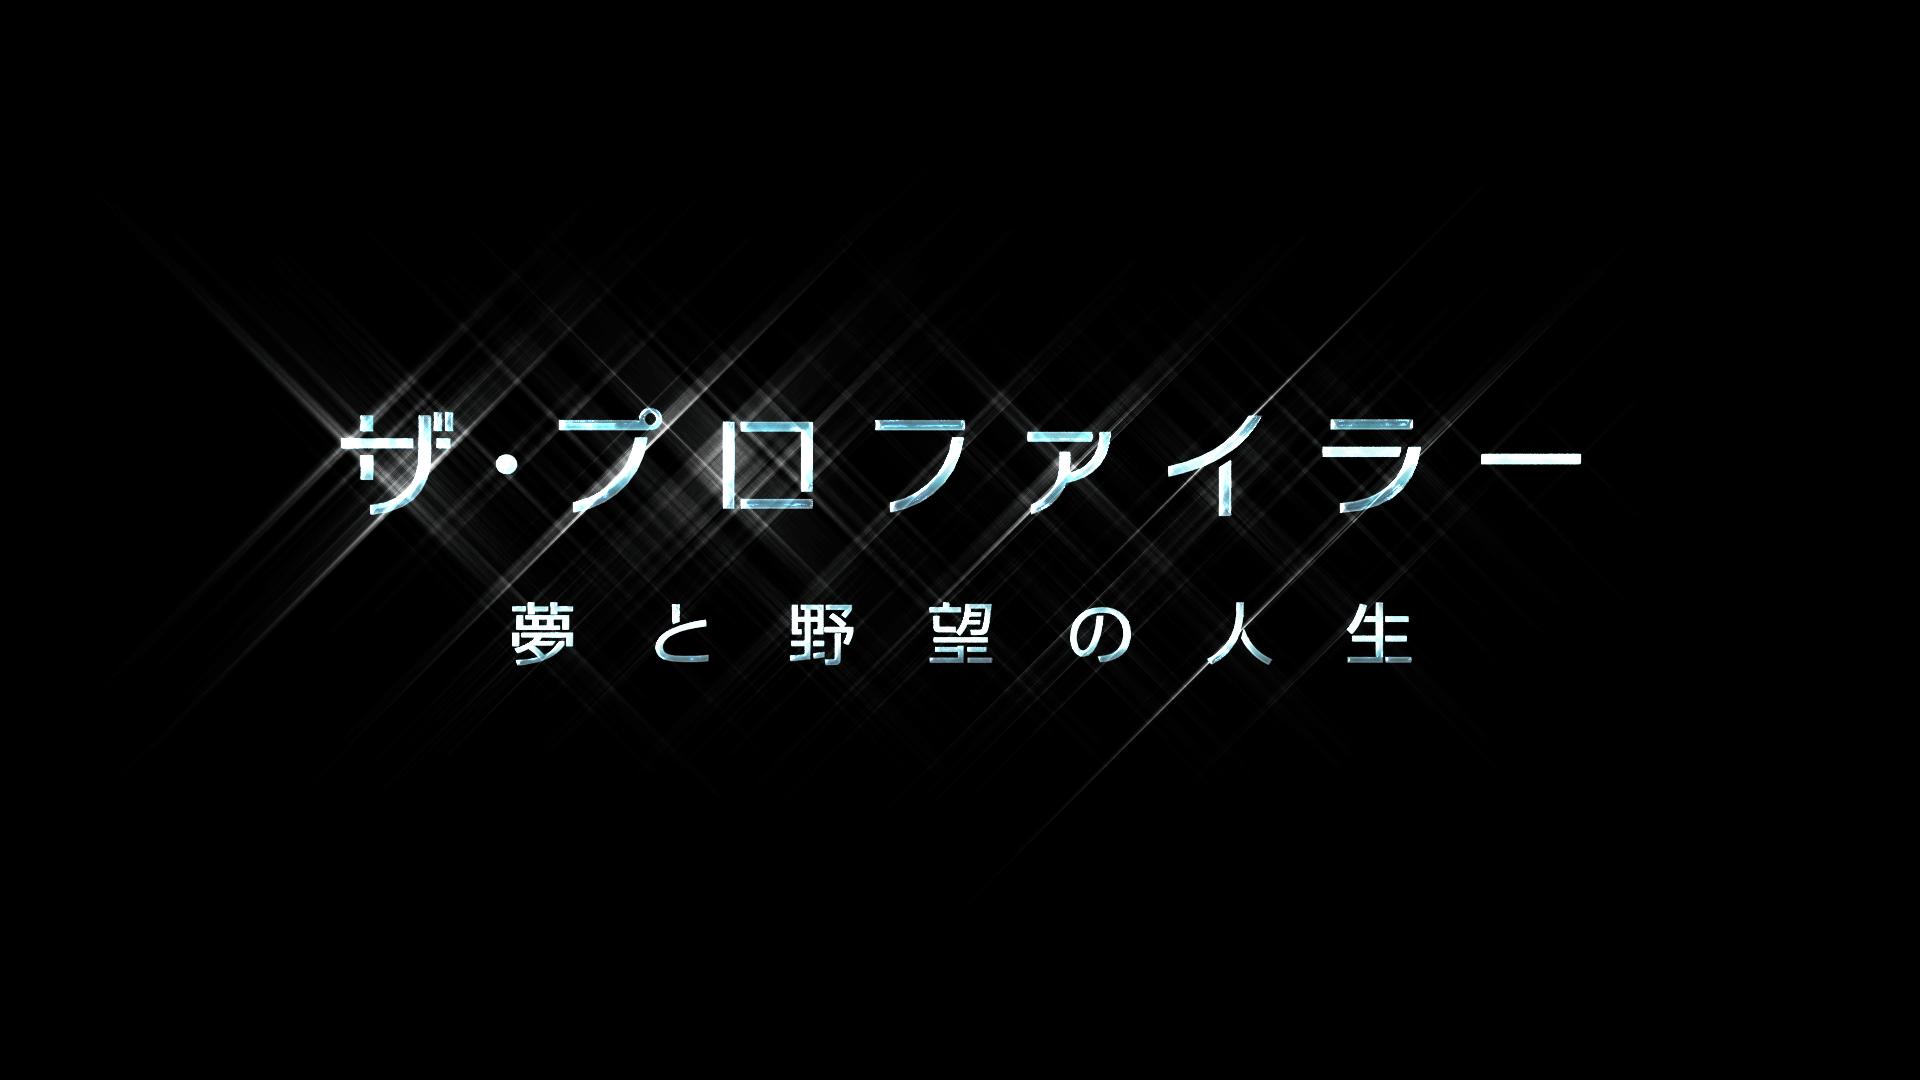 9月30日より「ザ・プロファイラー」新シーズンスタート!